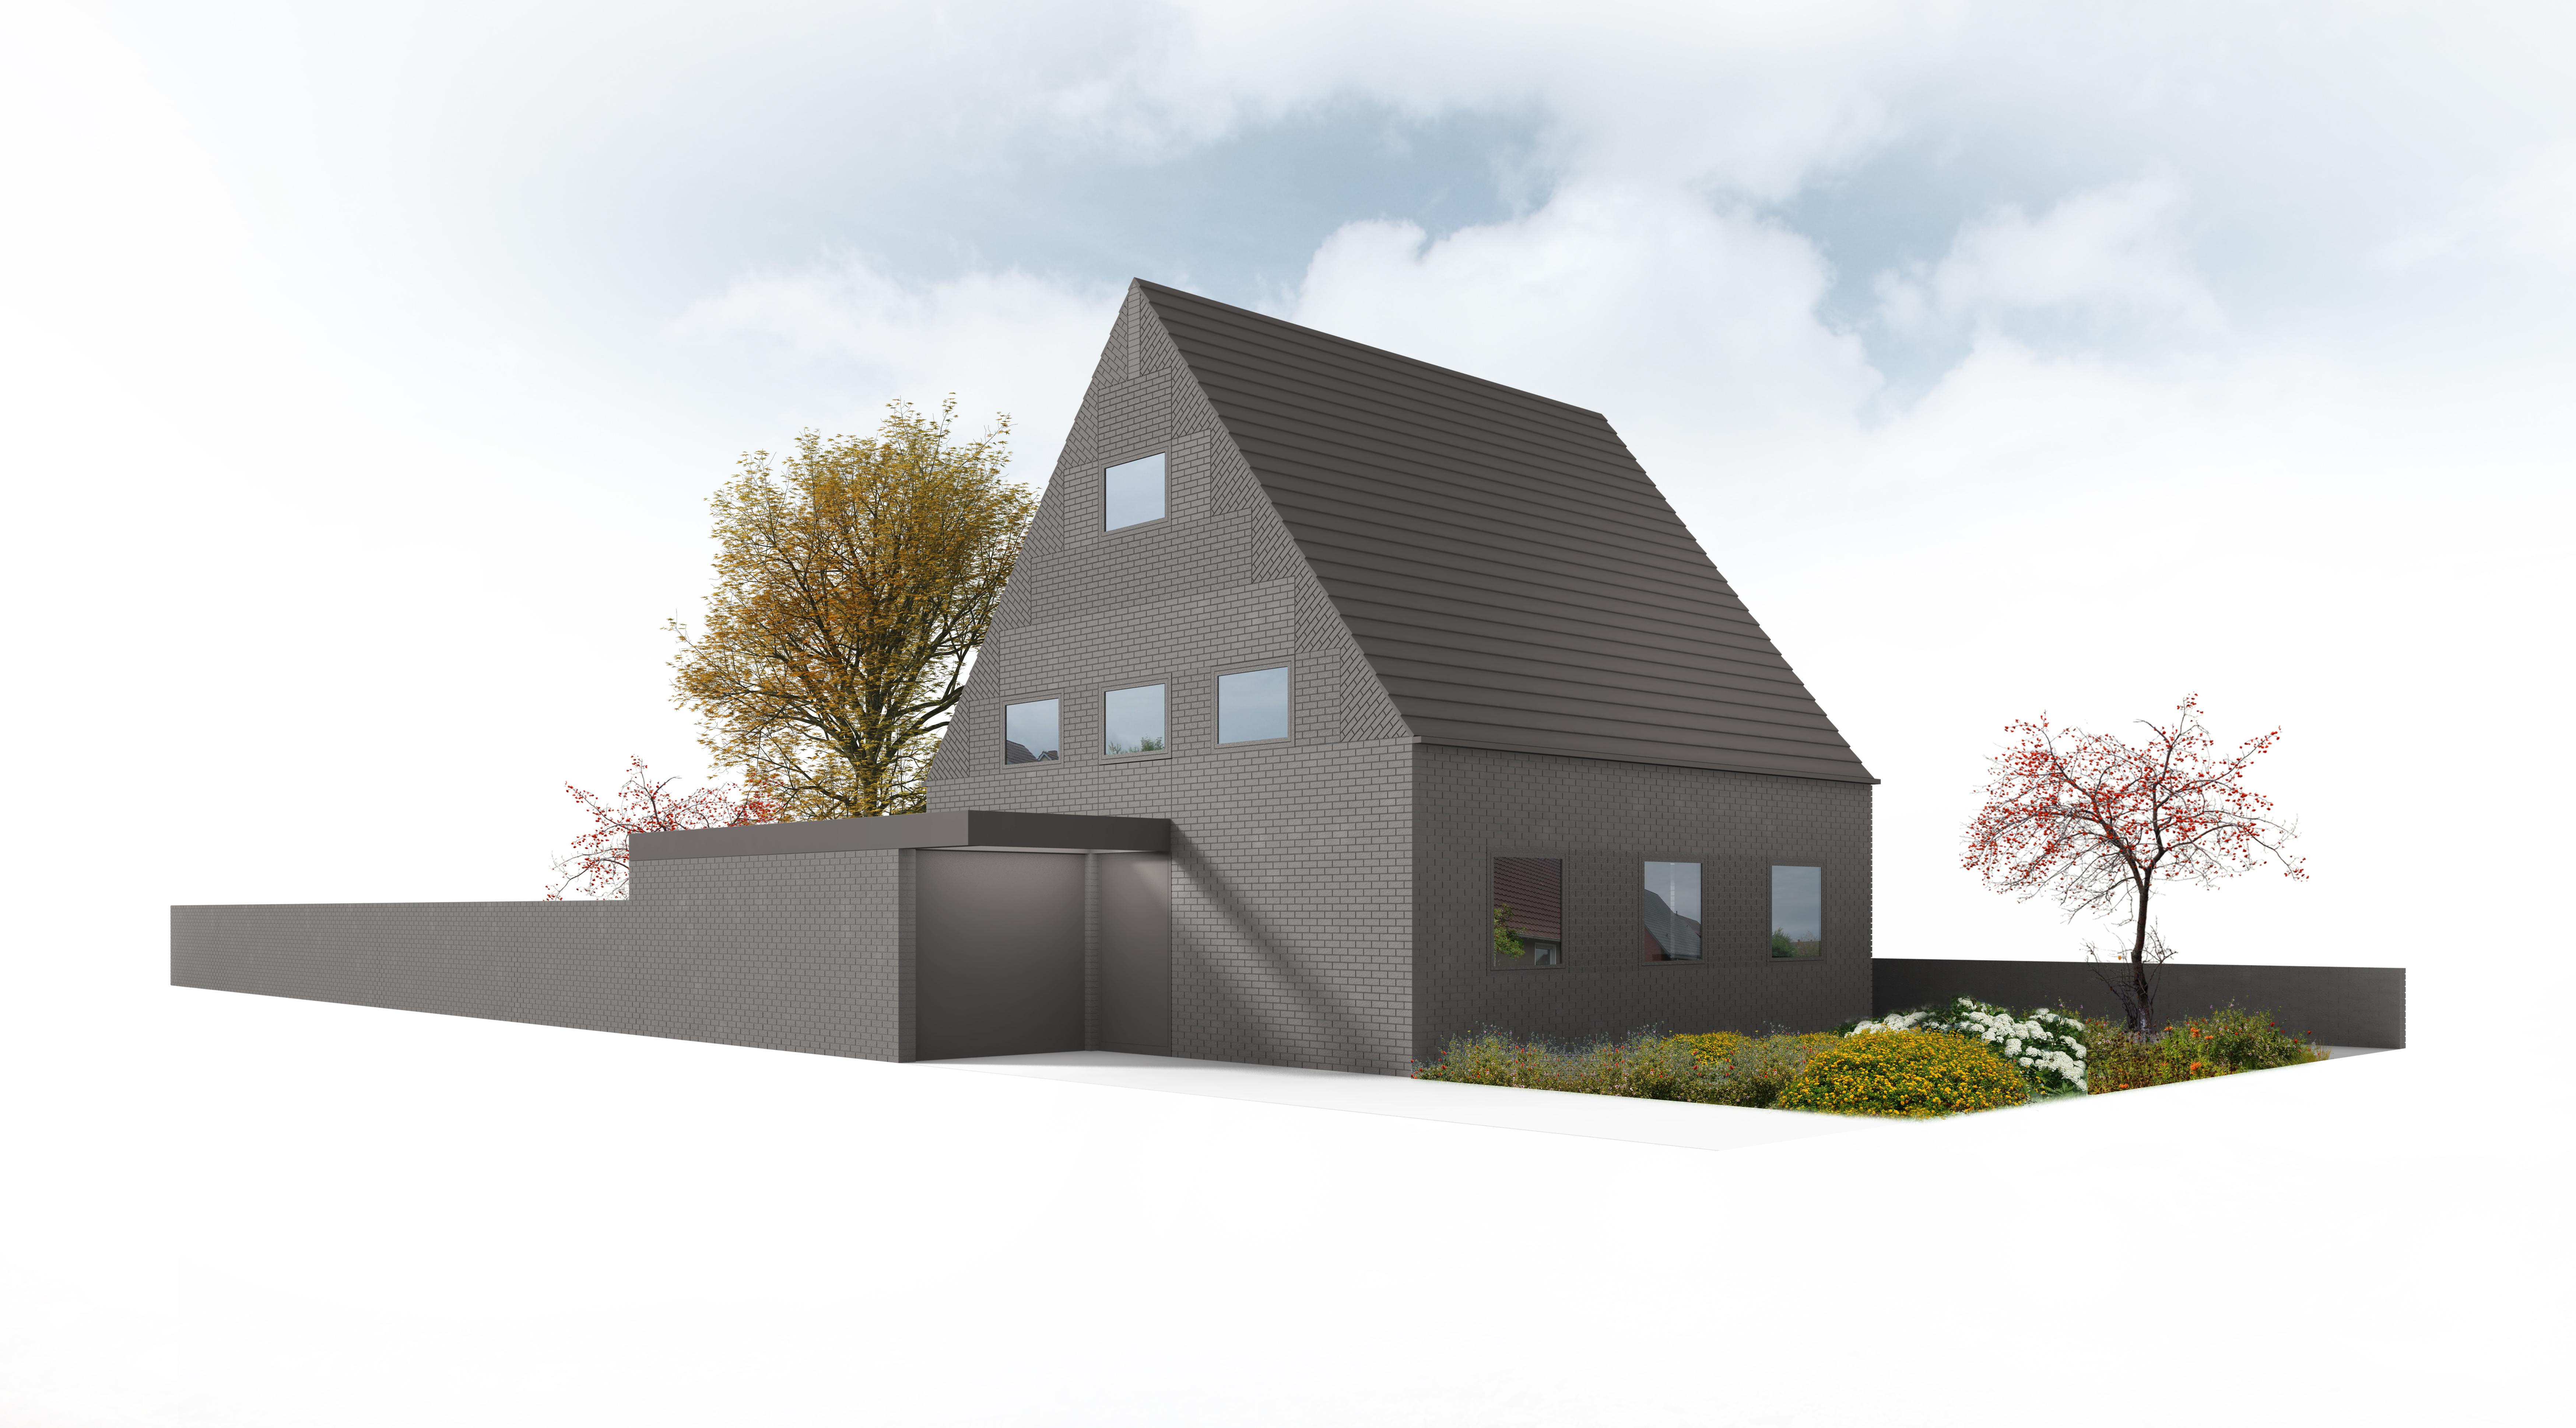 neubauvorhaben modernes wohnhaus kfw 70 in guter lage von wiedenbr ck id 2274 g w immobilien. Black Bedroom Furniture Sets. Home Design Ideas